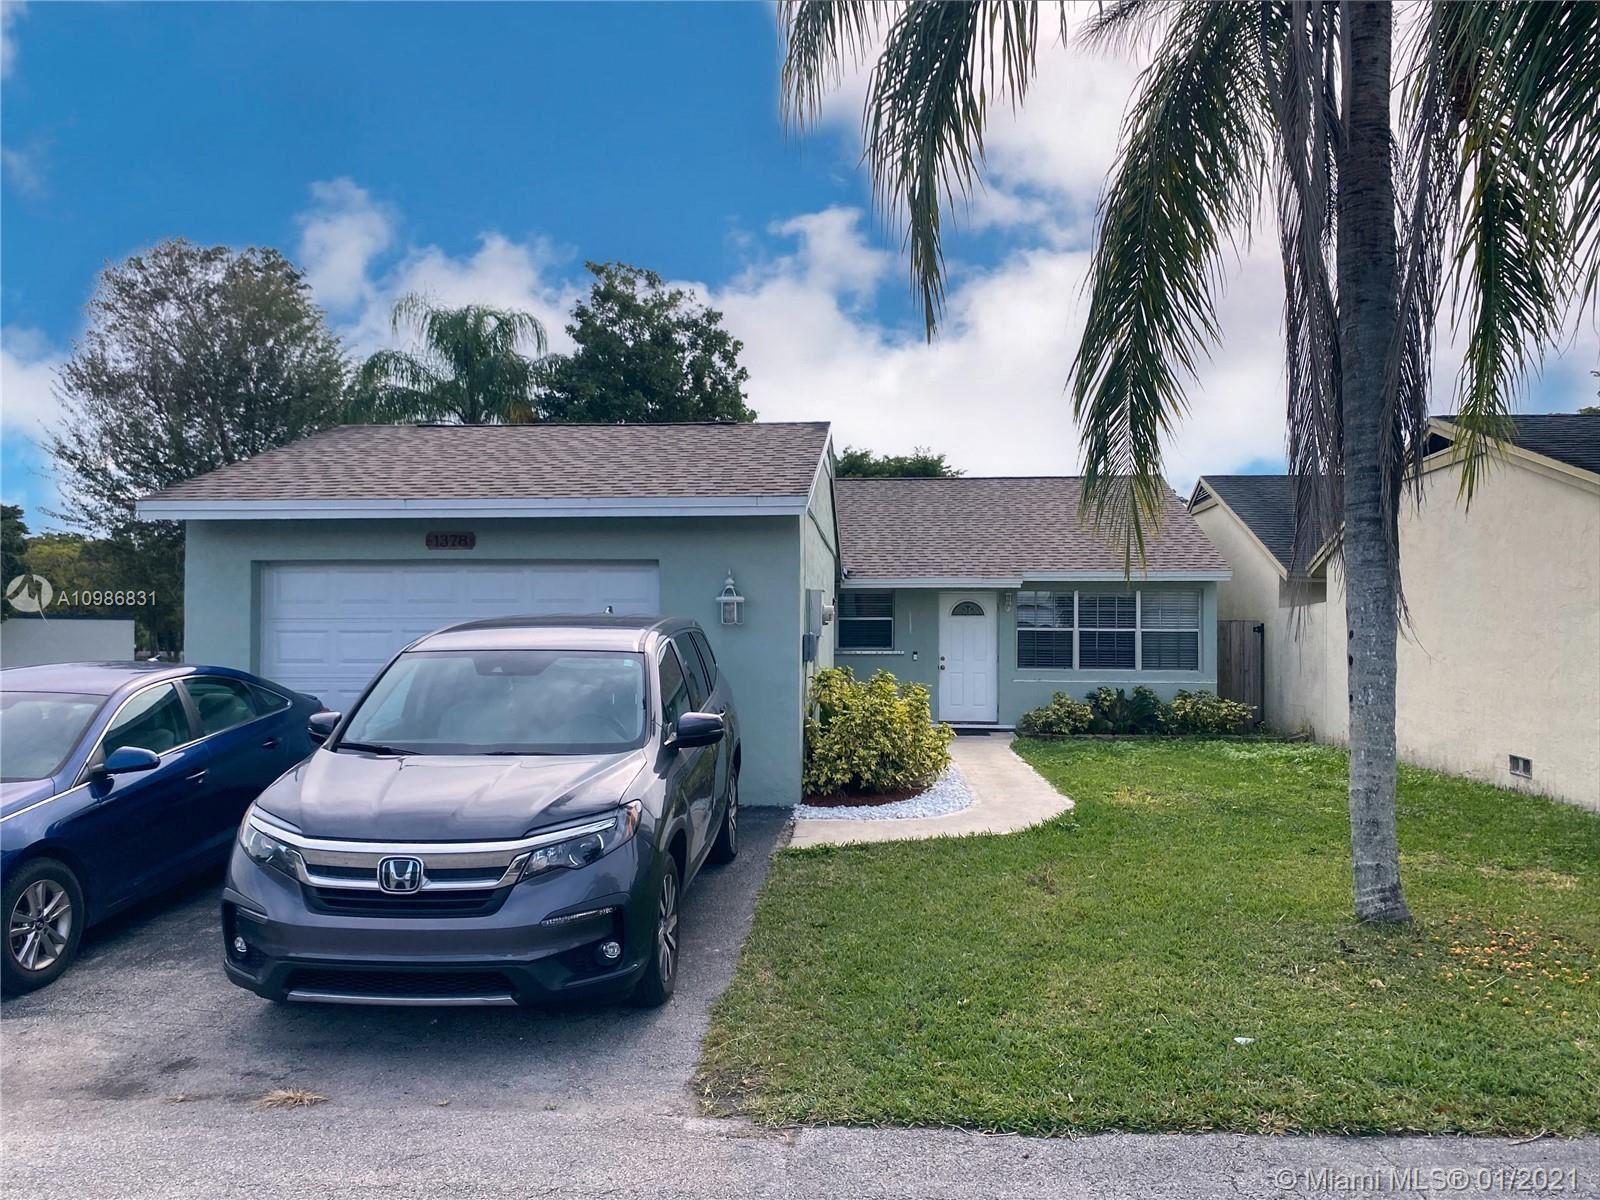 1378 Osprey Ct, Homestead, FL 33035 - #: A10986831